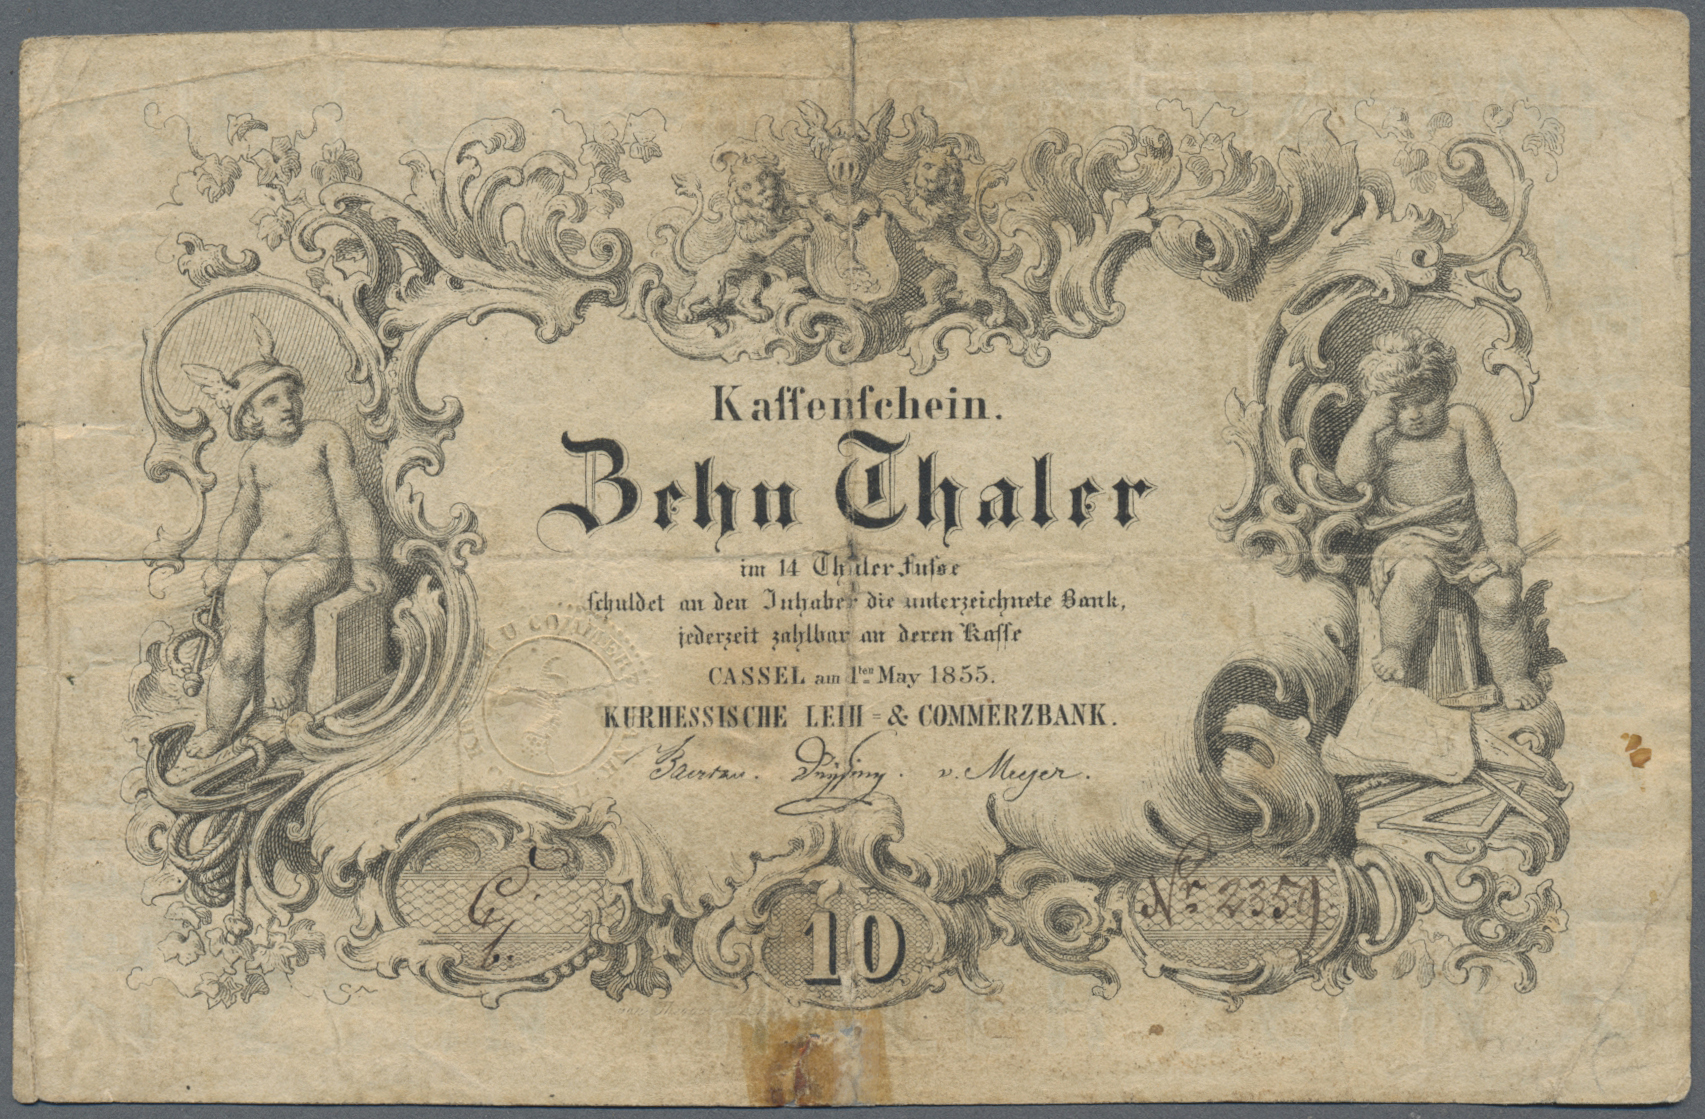 Lot 03302 - Deutschland - Altdeutsche Staaten | Banknoten  -  Auktionshaus Christoph Gärtner GmbH & Co. KG Sale #45 Banknotes Germany/Numismatics